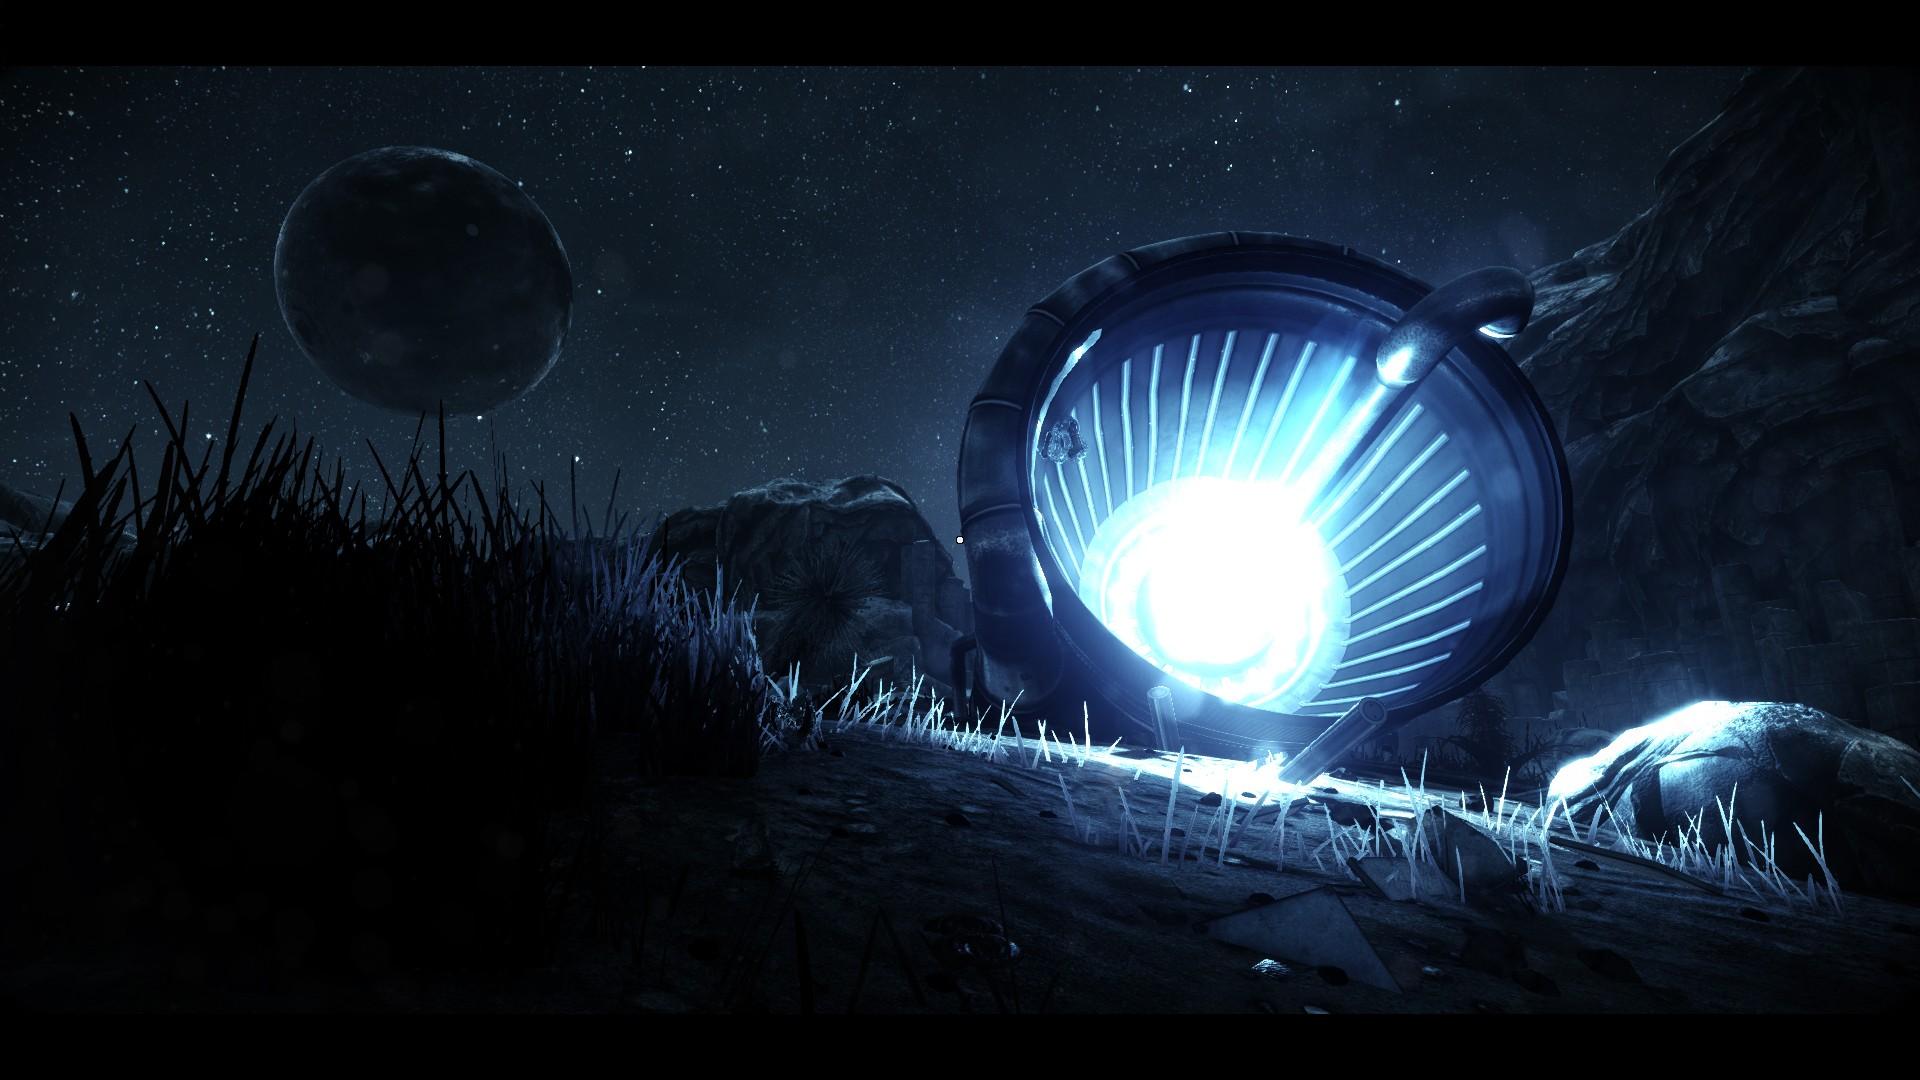 外星荒野求生《独自一人》精美截图公布 16年发售